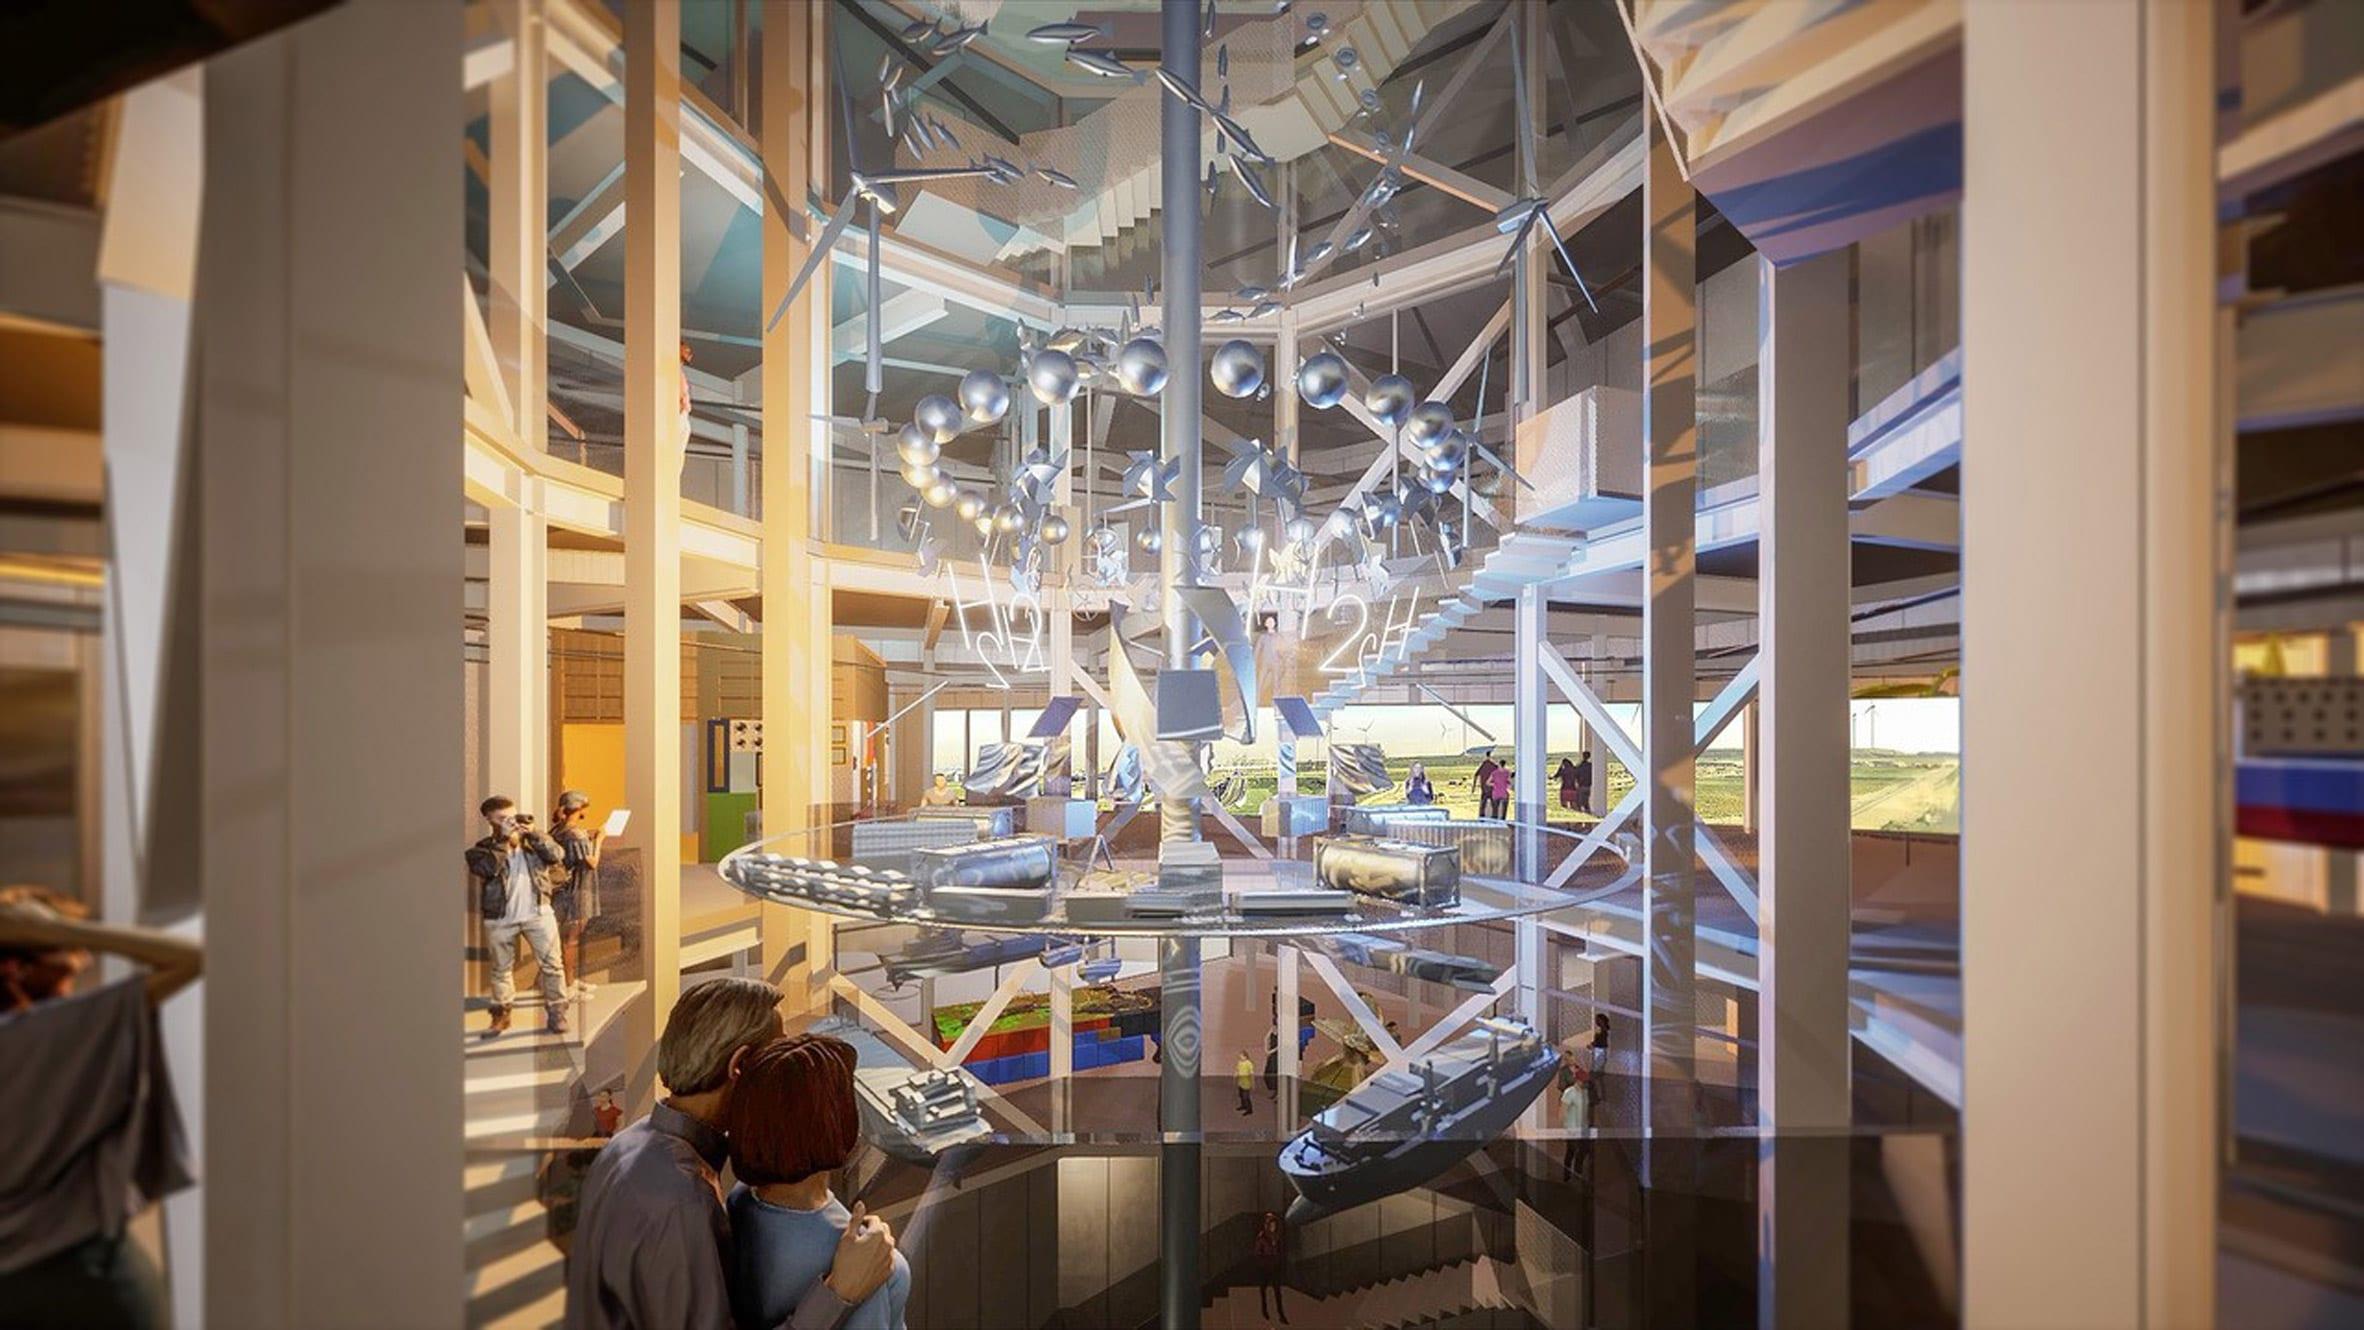 A visual of an atrium inside a exhibition centre by MVRDV